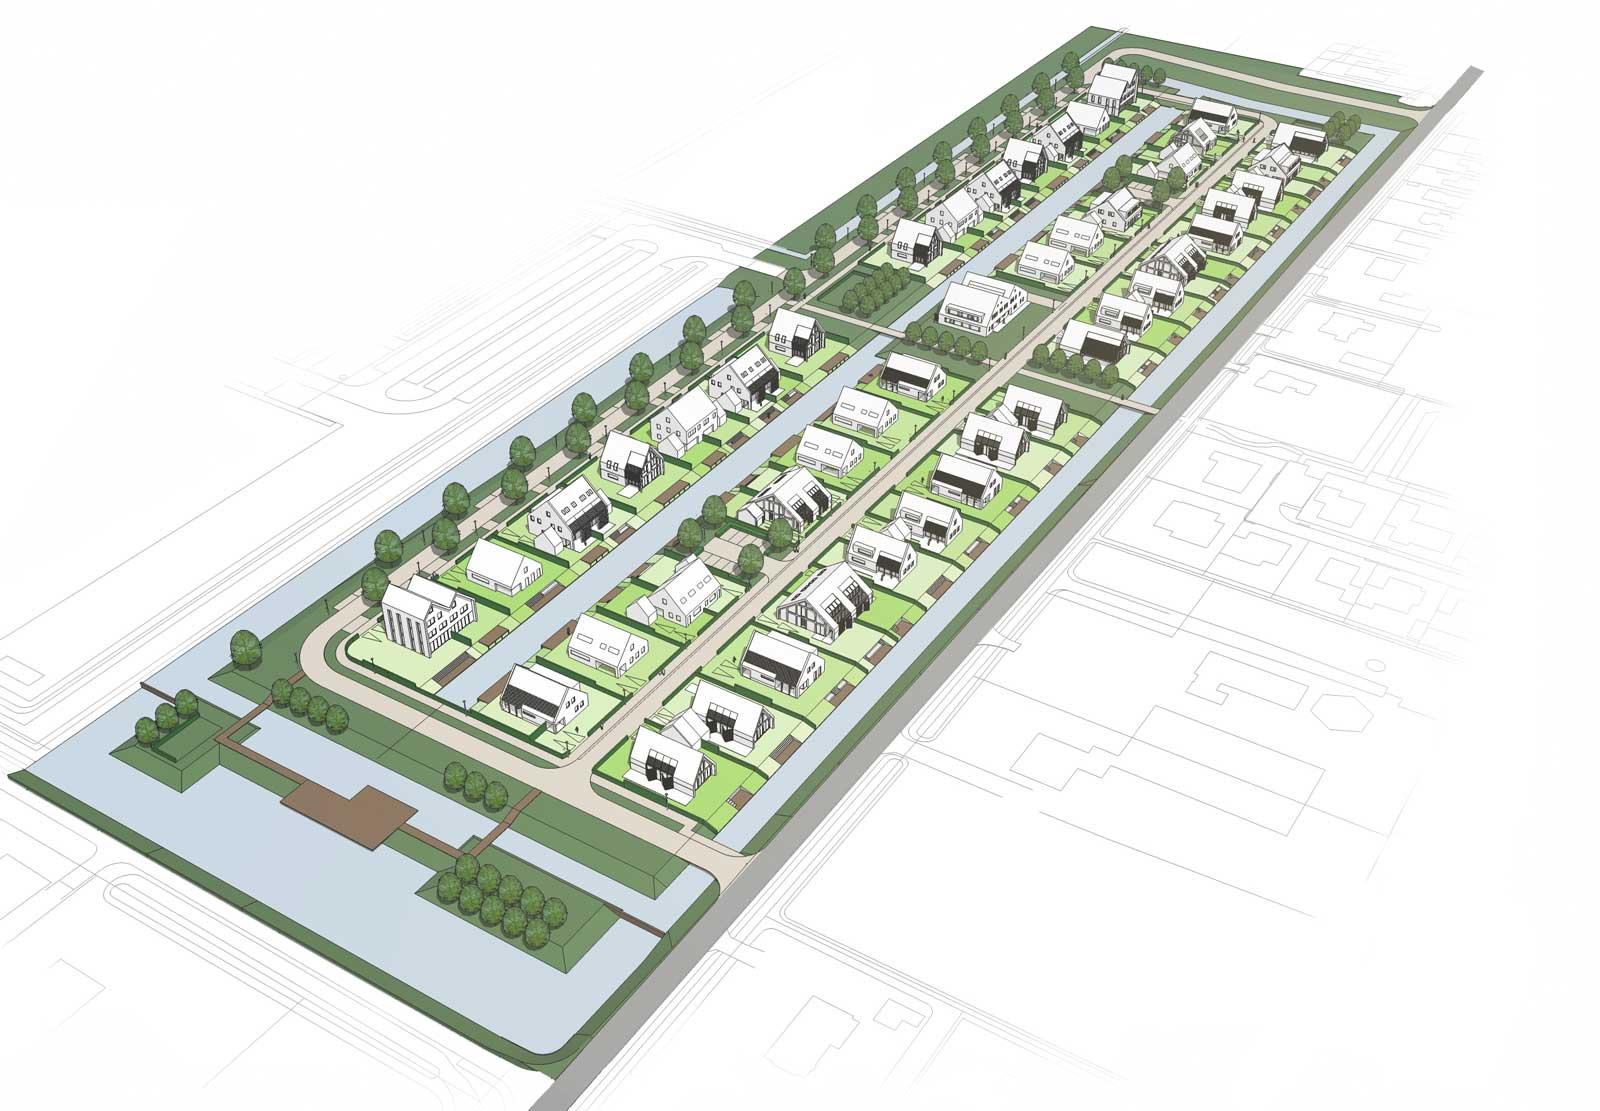 impressie planuitwerking - woonwijk De Wadde Plasweg Waddinxveen